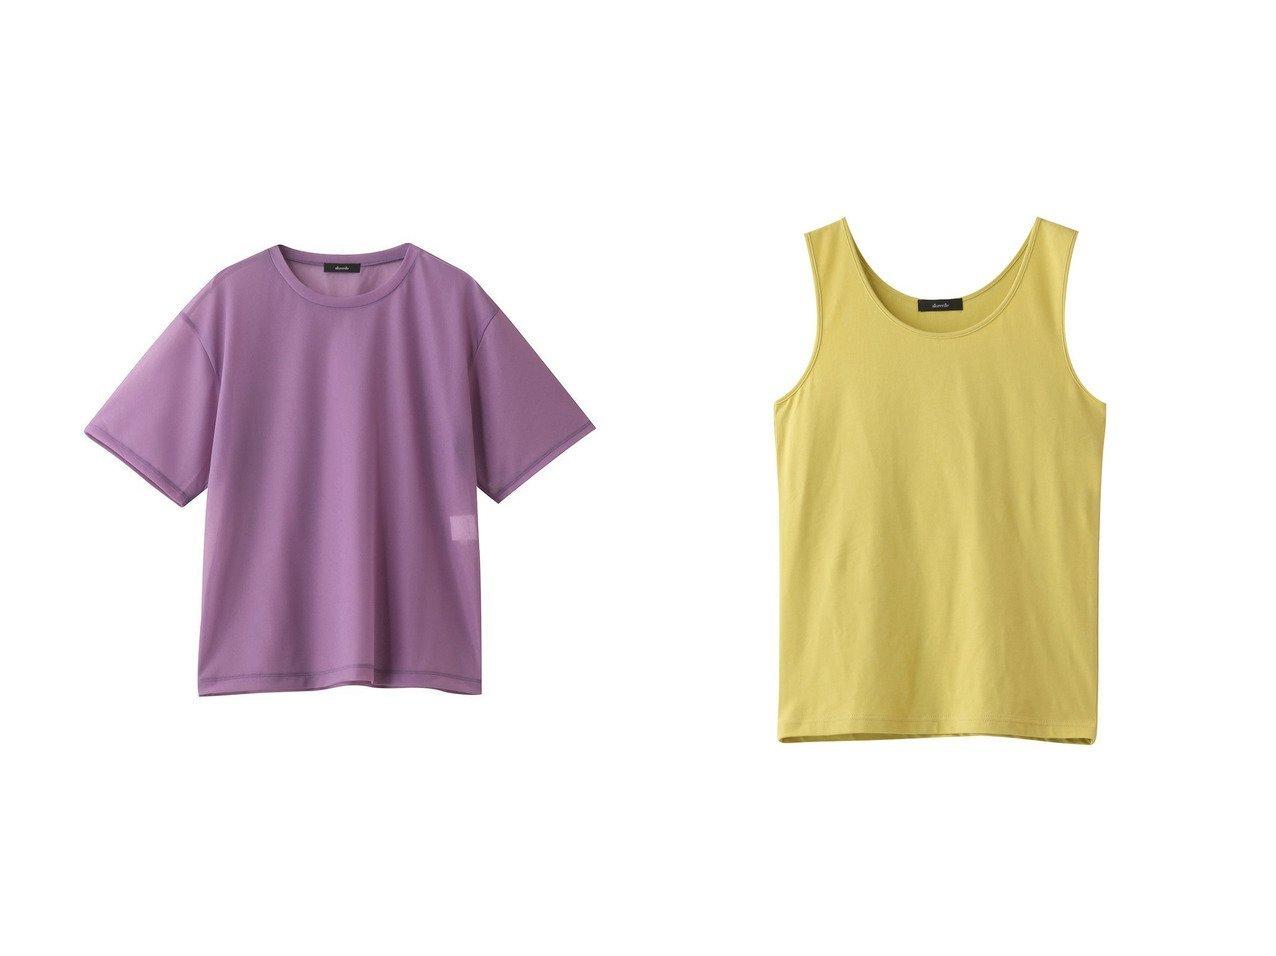 【allureville/アルアバイル】のソフト天竺シンプルタンク&シアーレイヤードT 【トップス・カットソー】おすすめ!人気、トレンド・レディースファッションの通販  おすすめで人気の流行・トレンド、ファッションの通販商品 インテリア・家具・メンズファッション・キッズファッション・レディースファッション・服の通販 founy(ファニー) https://founy.com/ ファッション Fashion レディースファッション WOMEN トップス・カットソー Tops/Tshirt キャミソール / ノースリーブ No Sleeves シャツ/ブラウス Shirts/Blouses ロング / Tシャツ T-Shirts カットソー Cut and Sewn キャミソール シンプル タンク インナー シアー ショート スリーブ トレンド 半袖  ID:crp329100000049298